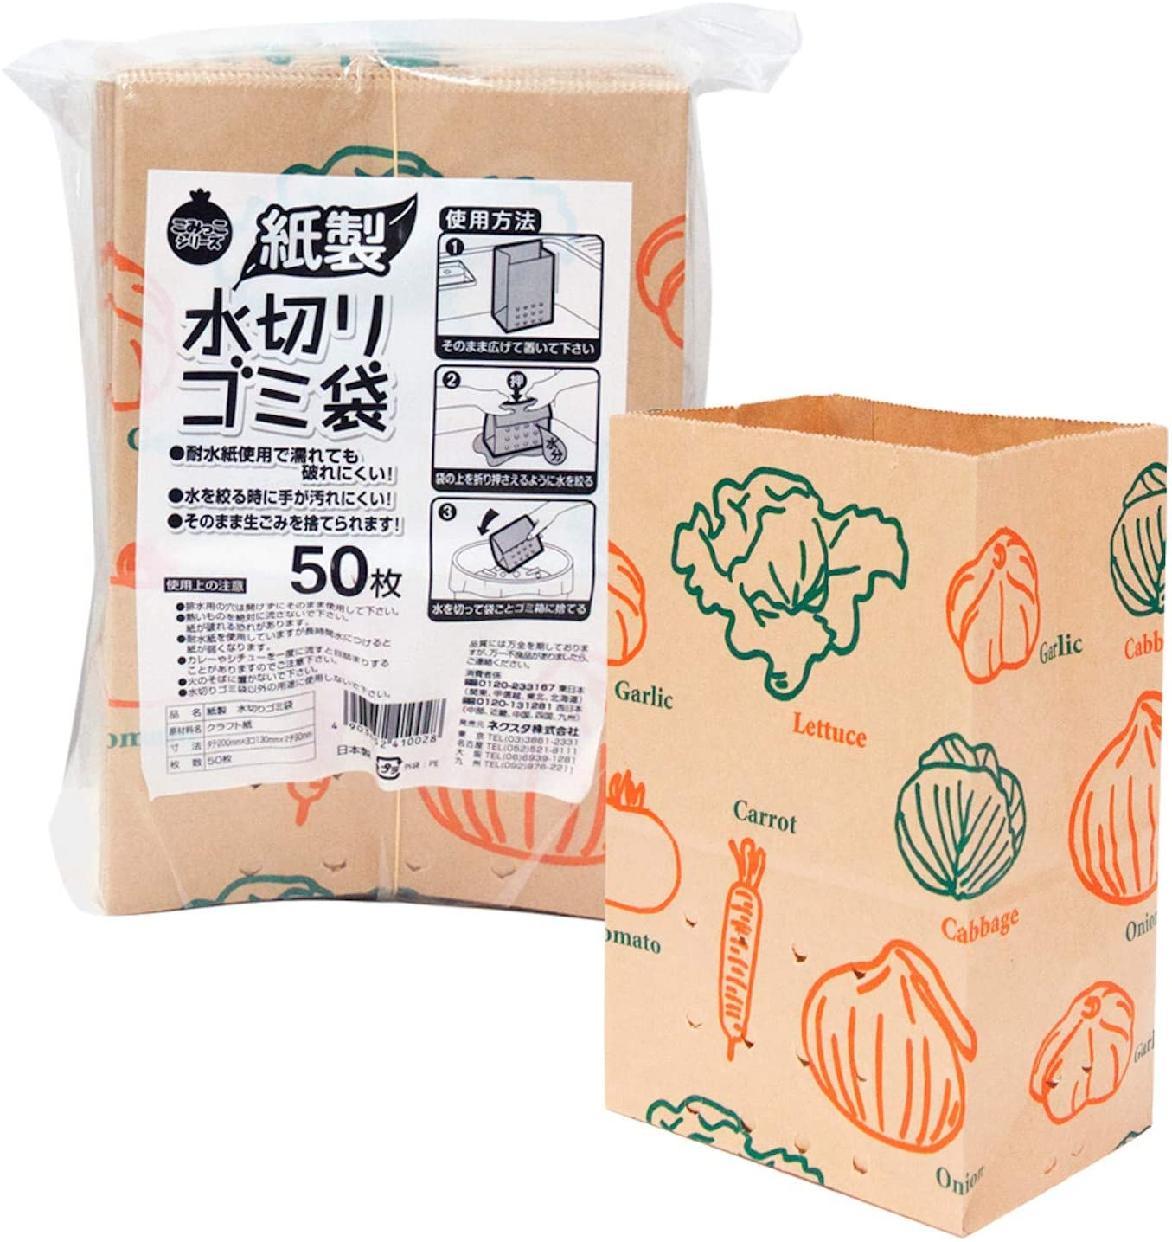 Nexta(ネクスタ) 紙製水切り袋「紙製ごみっこポイ」の商品画像